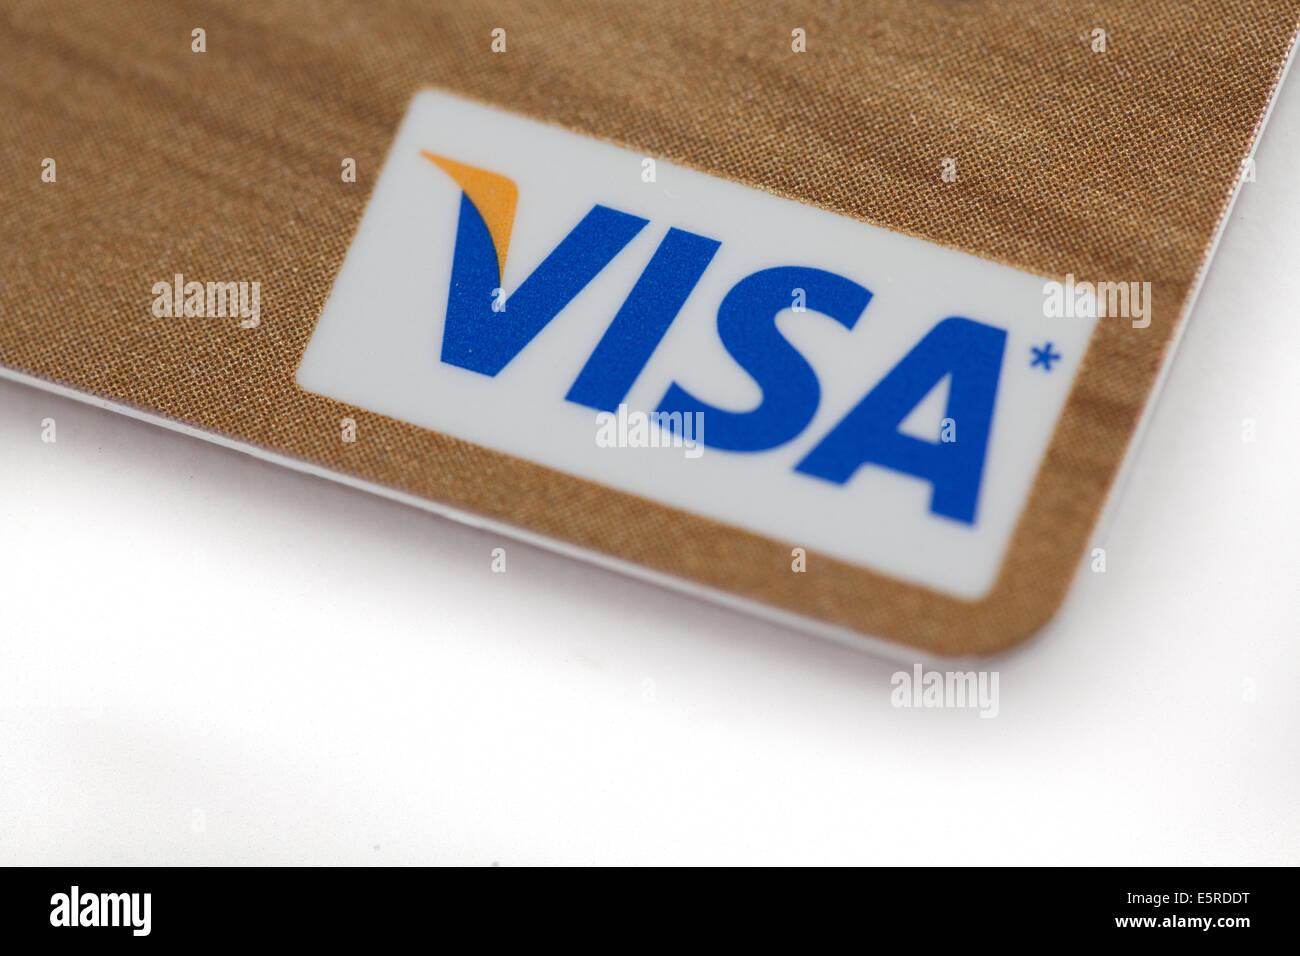 visa credit card logo closeup sign - Stock Image